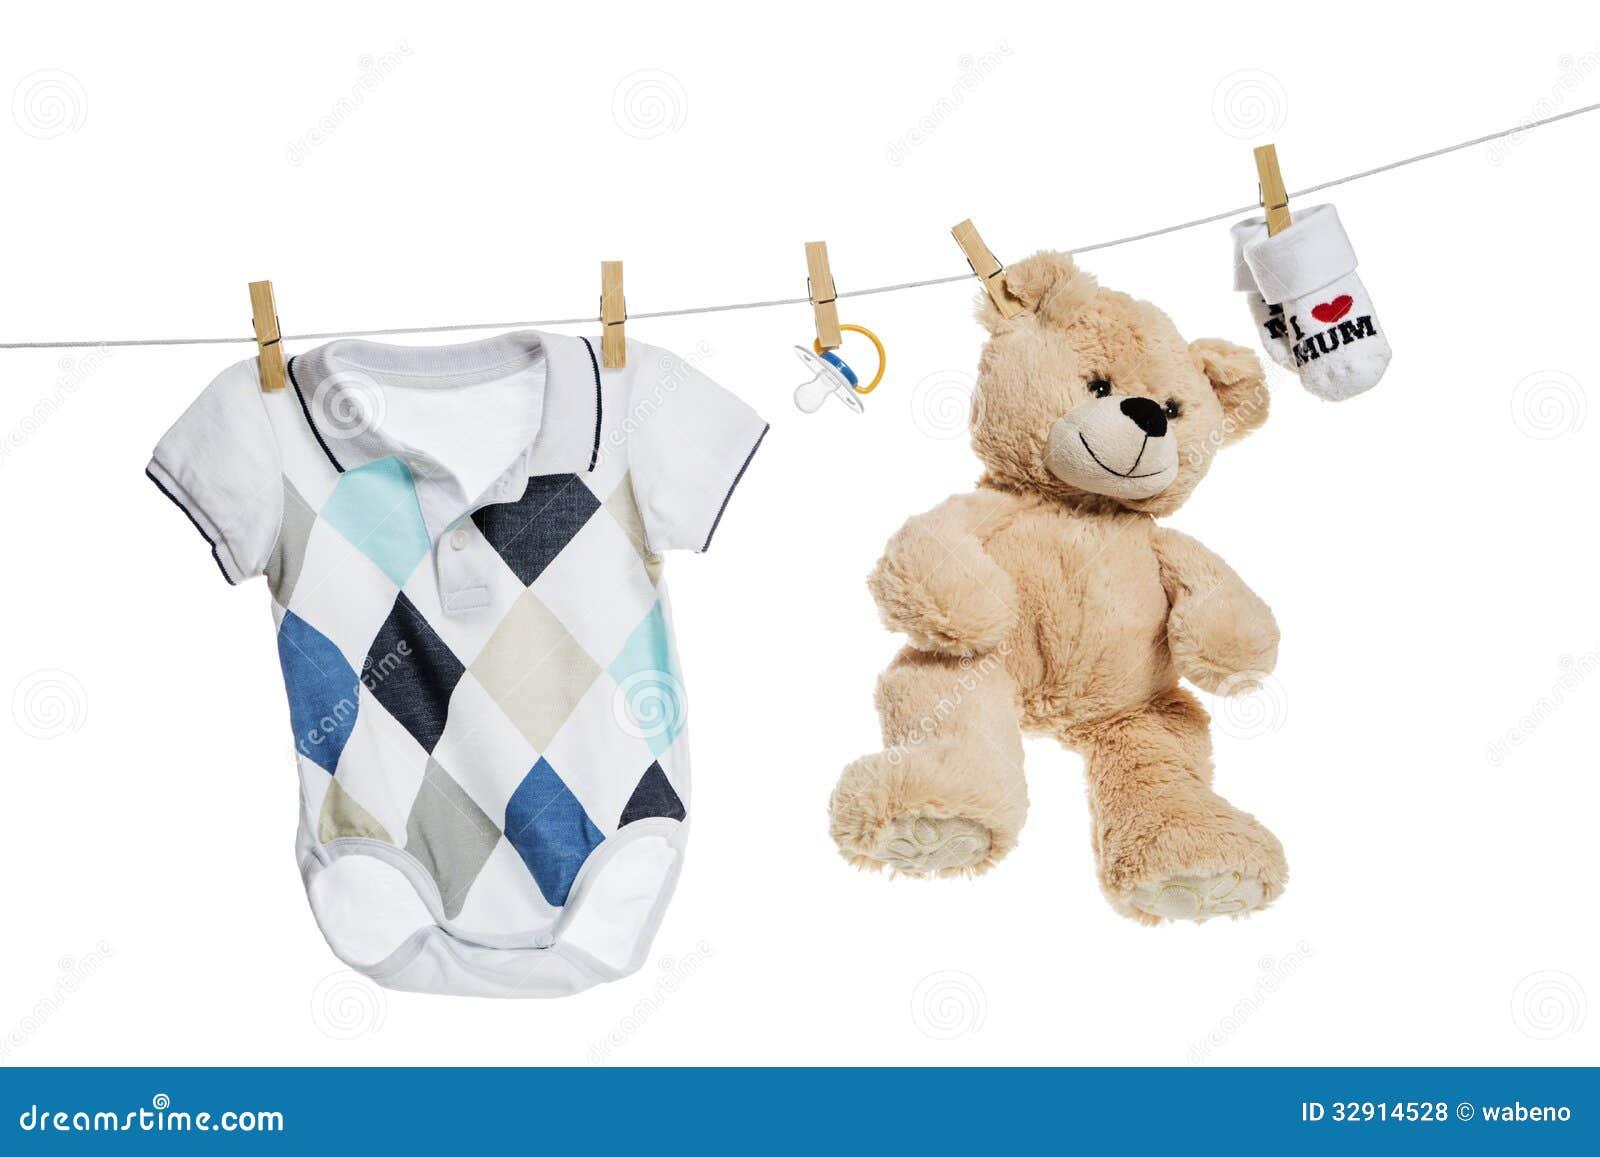 Babykleidung für Mädchen & Jungen günstig bei baby-walz online kaufen Wir bieten eine tolle Auswahl, beste Qualität ein breites Sortiment aller großen Marken & Modelle. Jetzt entdecken!